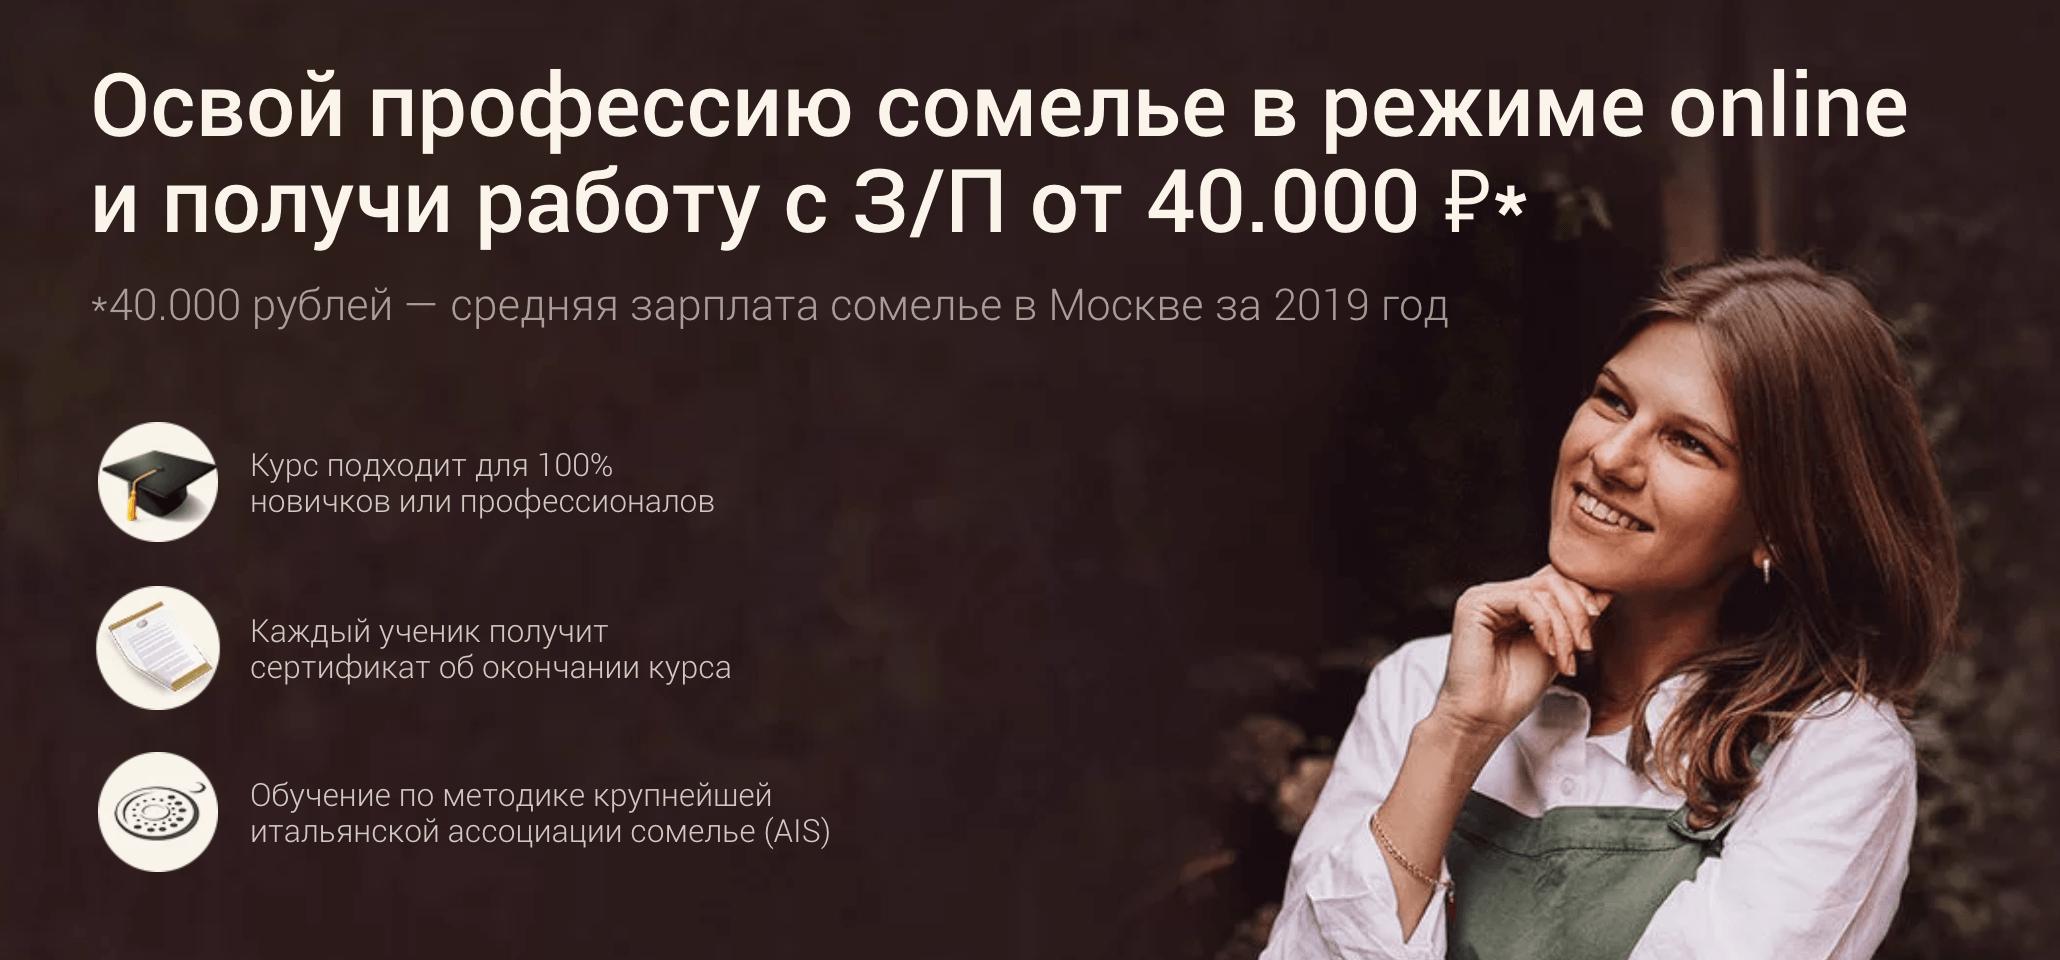 Иногда организаторы обещают обучить профессии за 5000<span class=ruble>Р</span>. Но я в это не верю